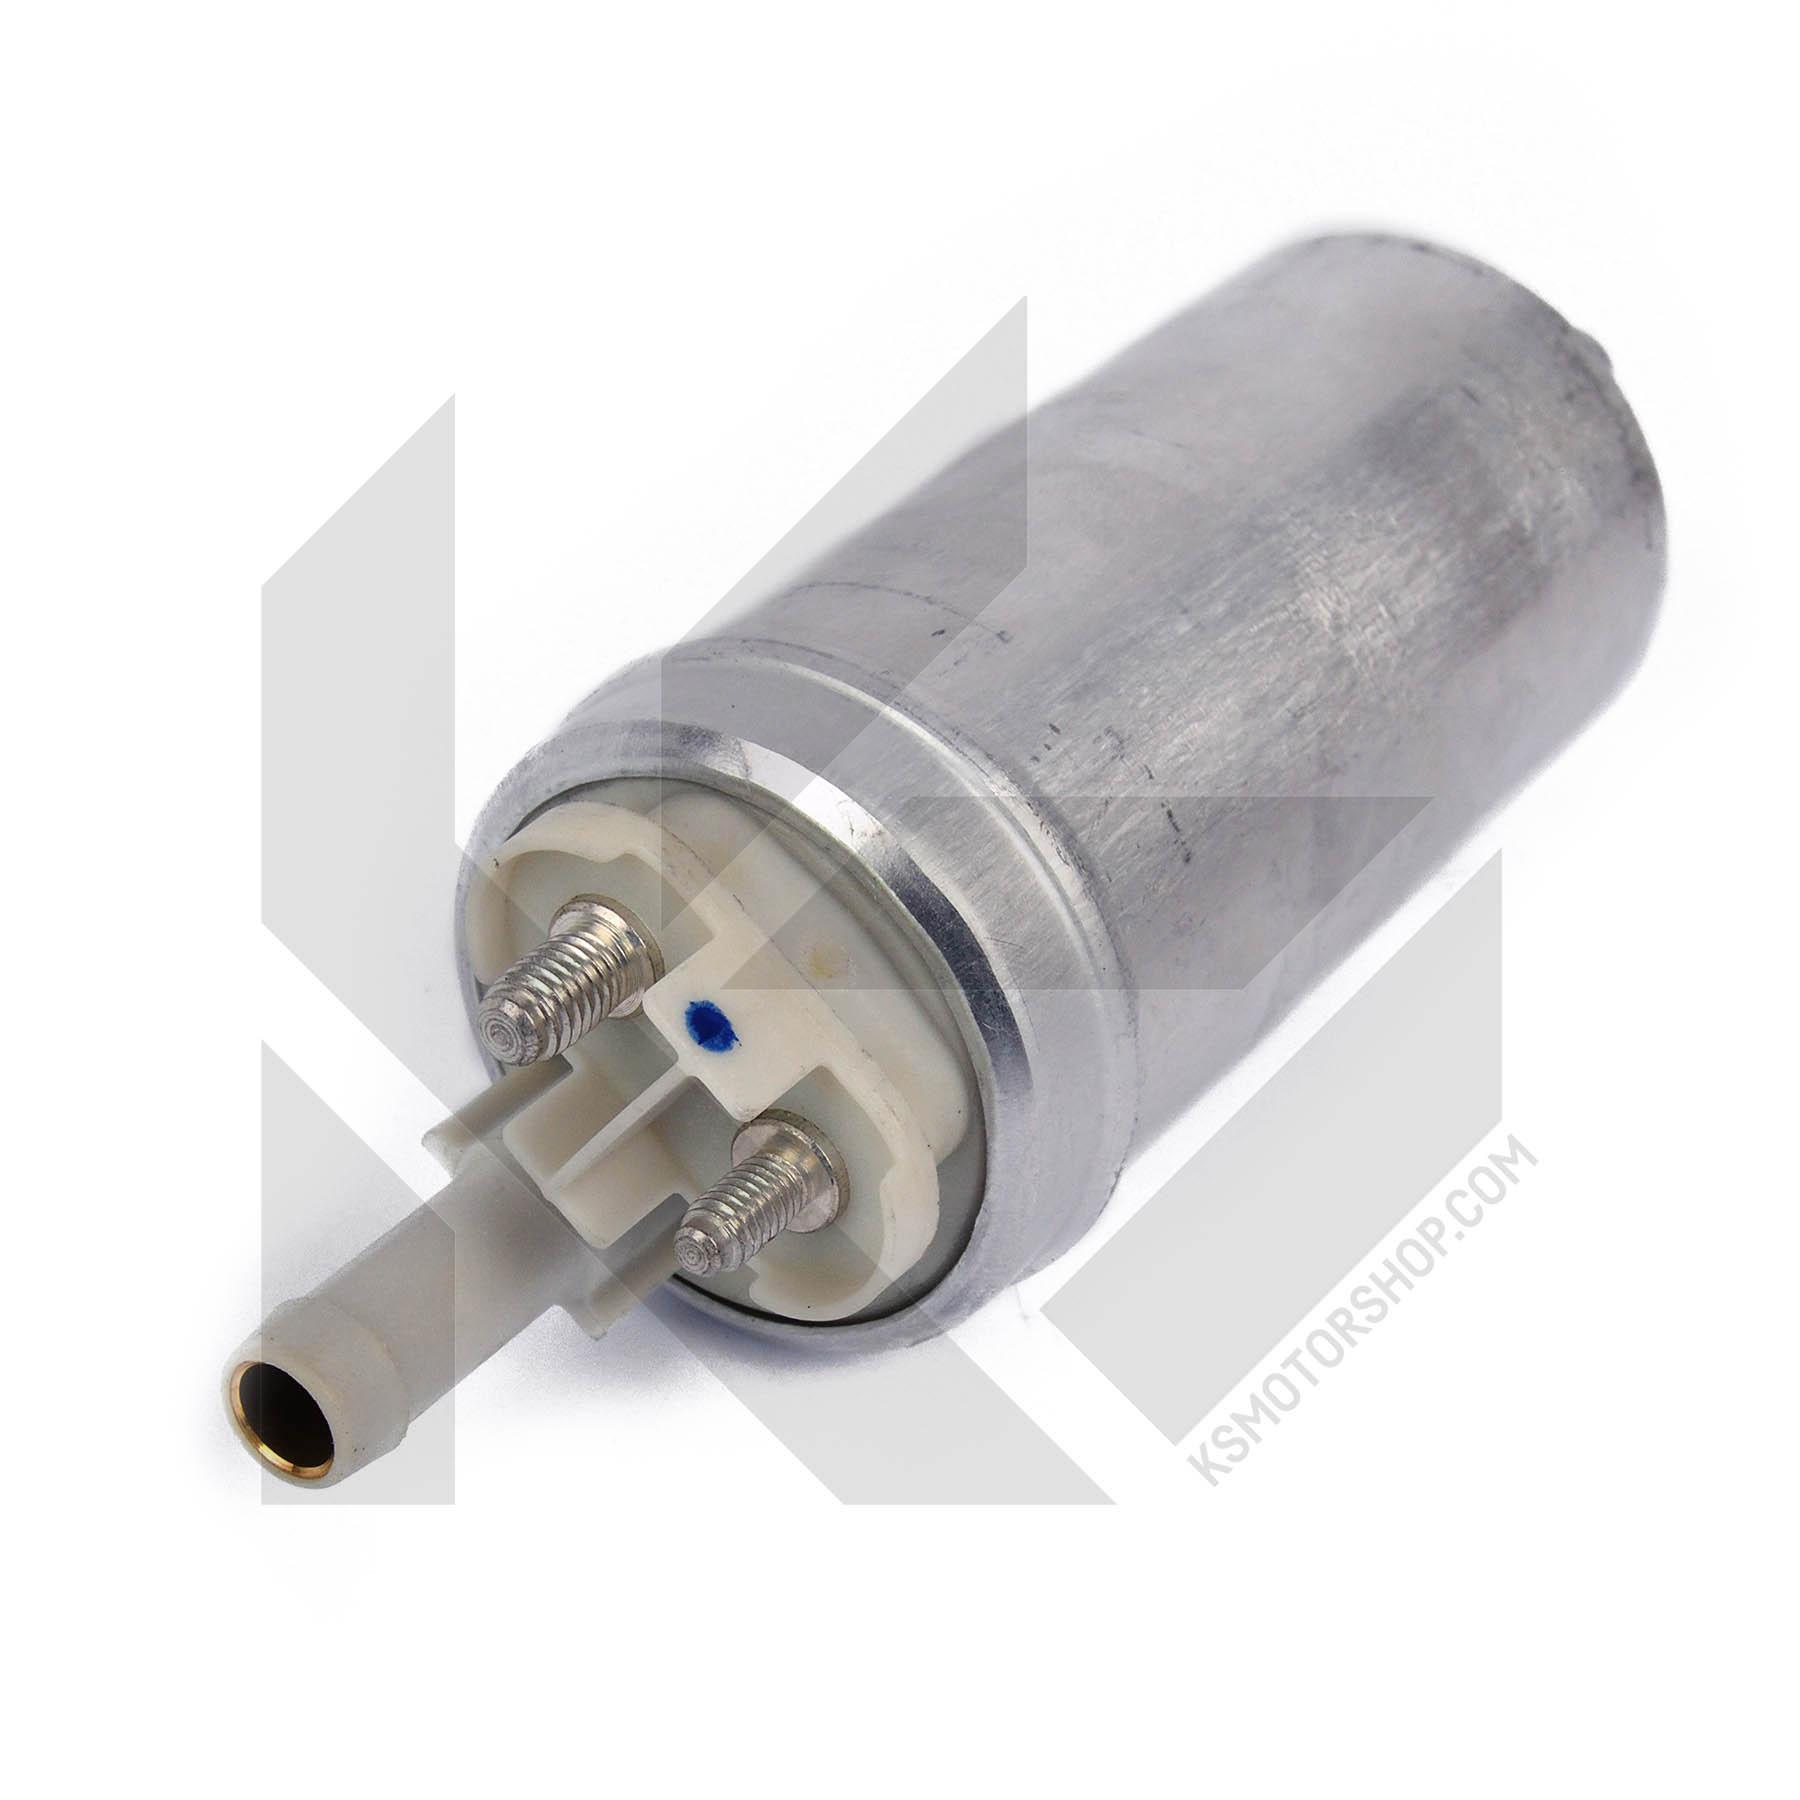 Fendt elektrische Förderpumpe Pumpe 209 210 Kraftstoffförderpumpe 208